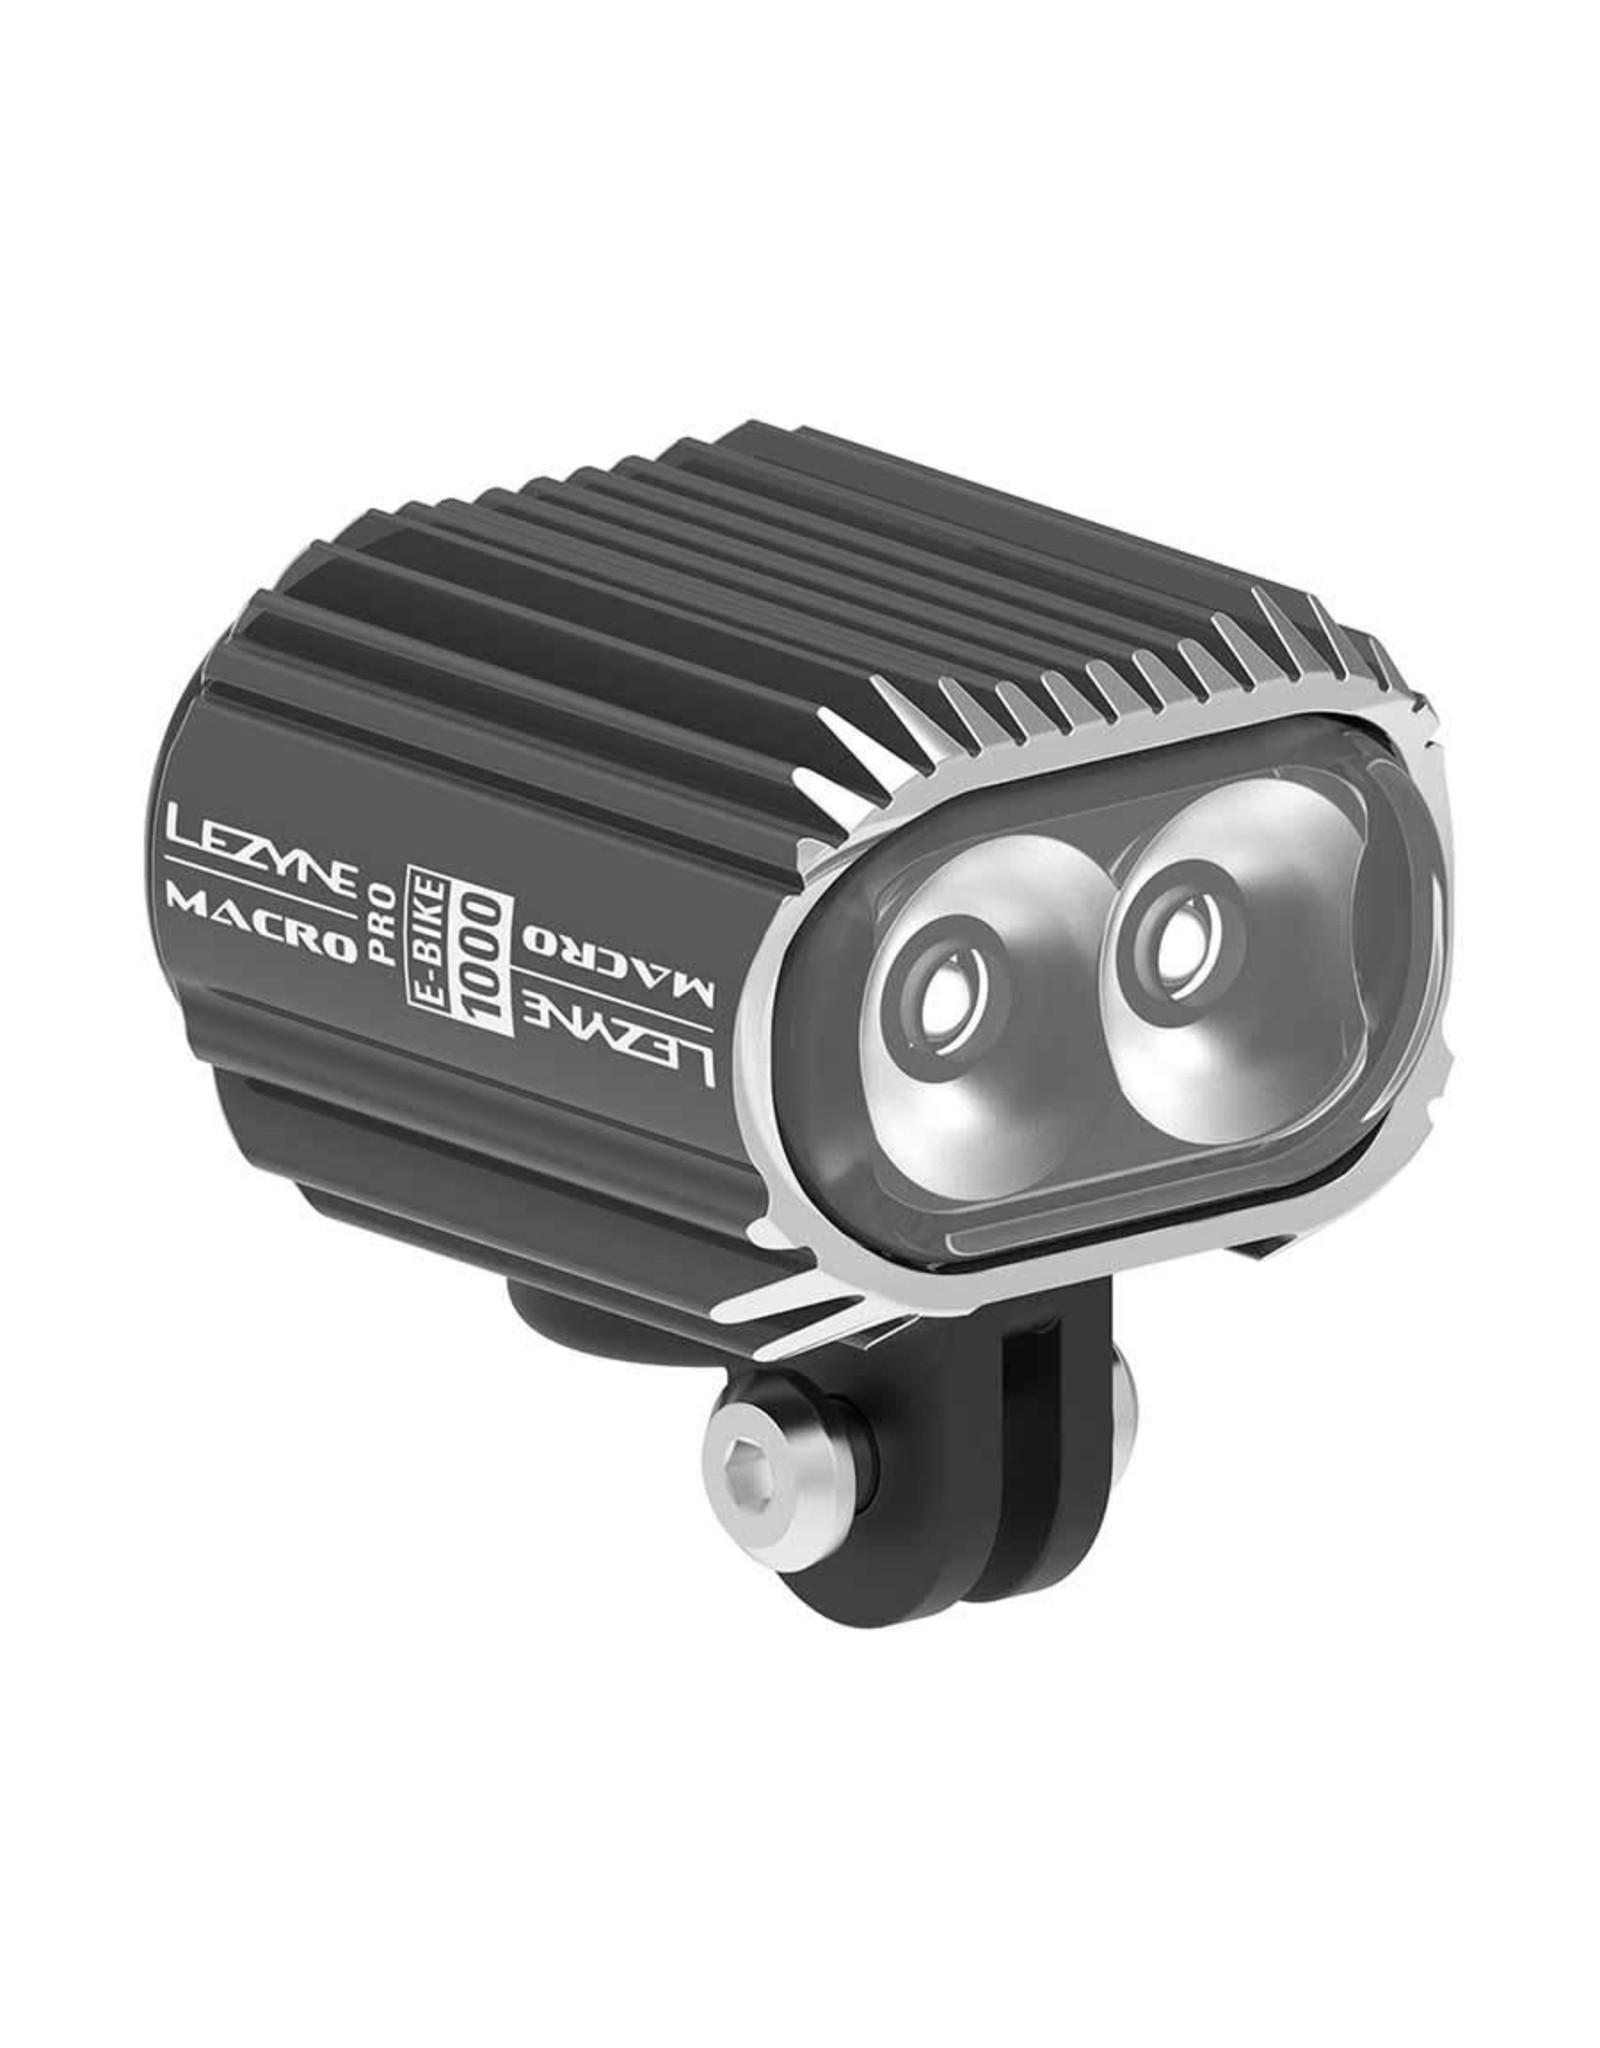 Lezyne front light E-Bike Macro Drive 1000 black